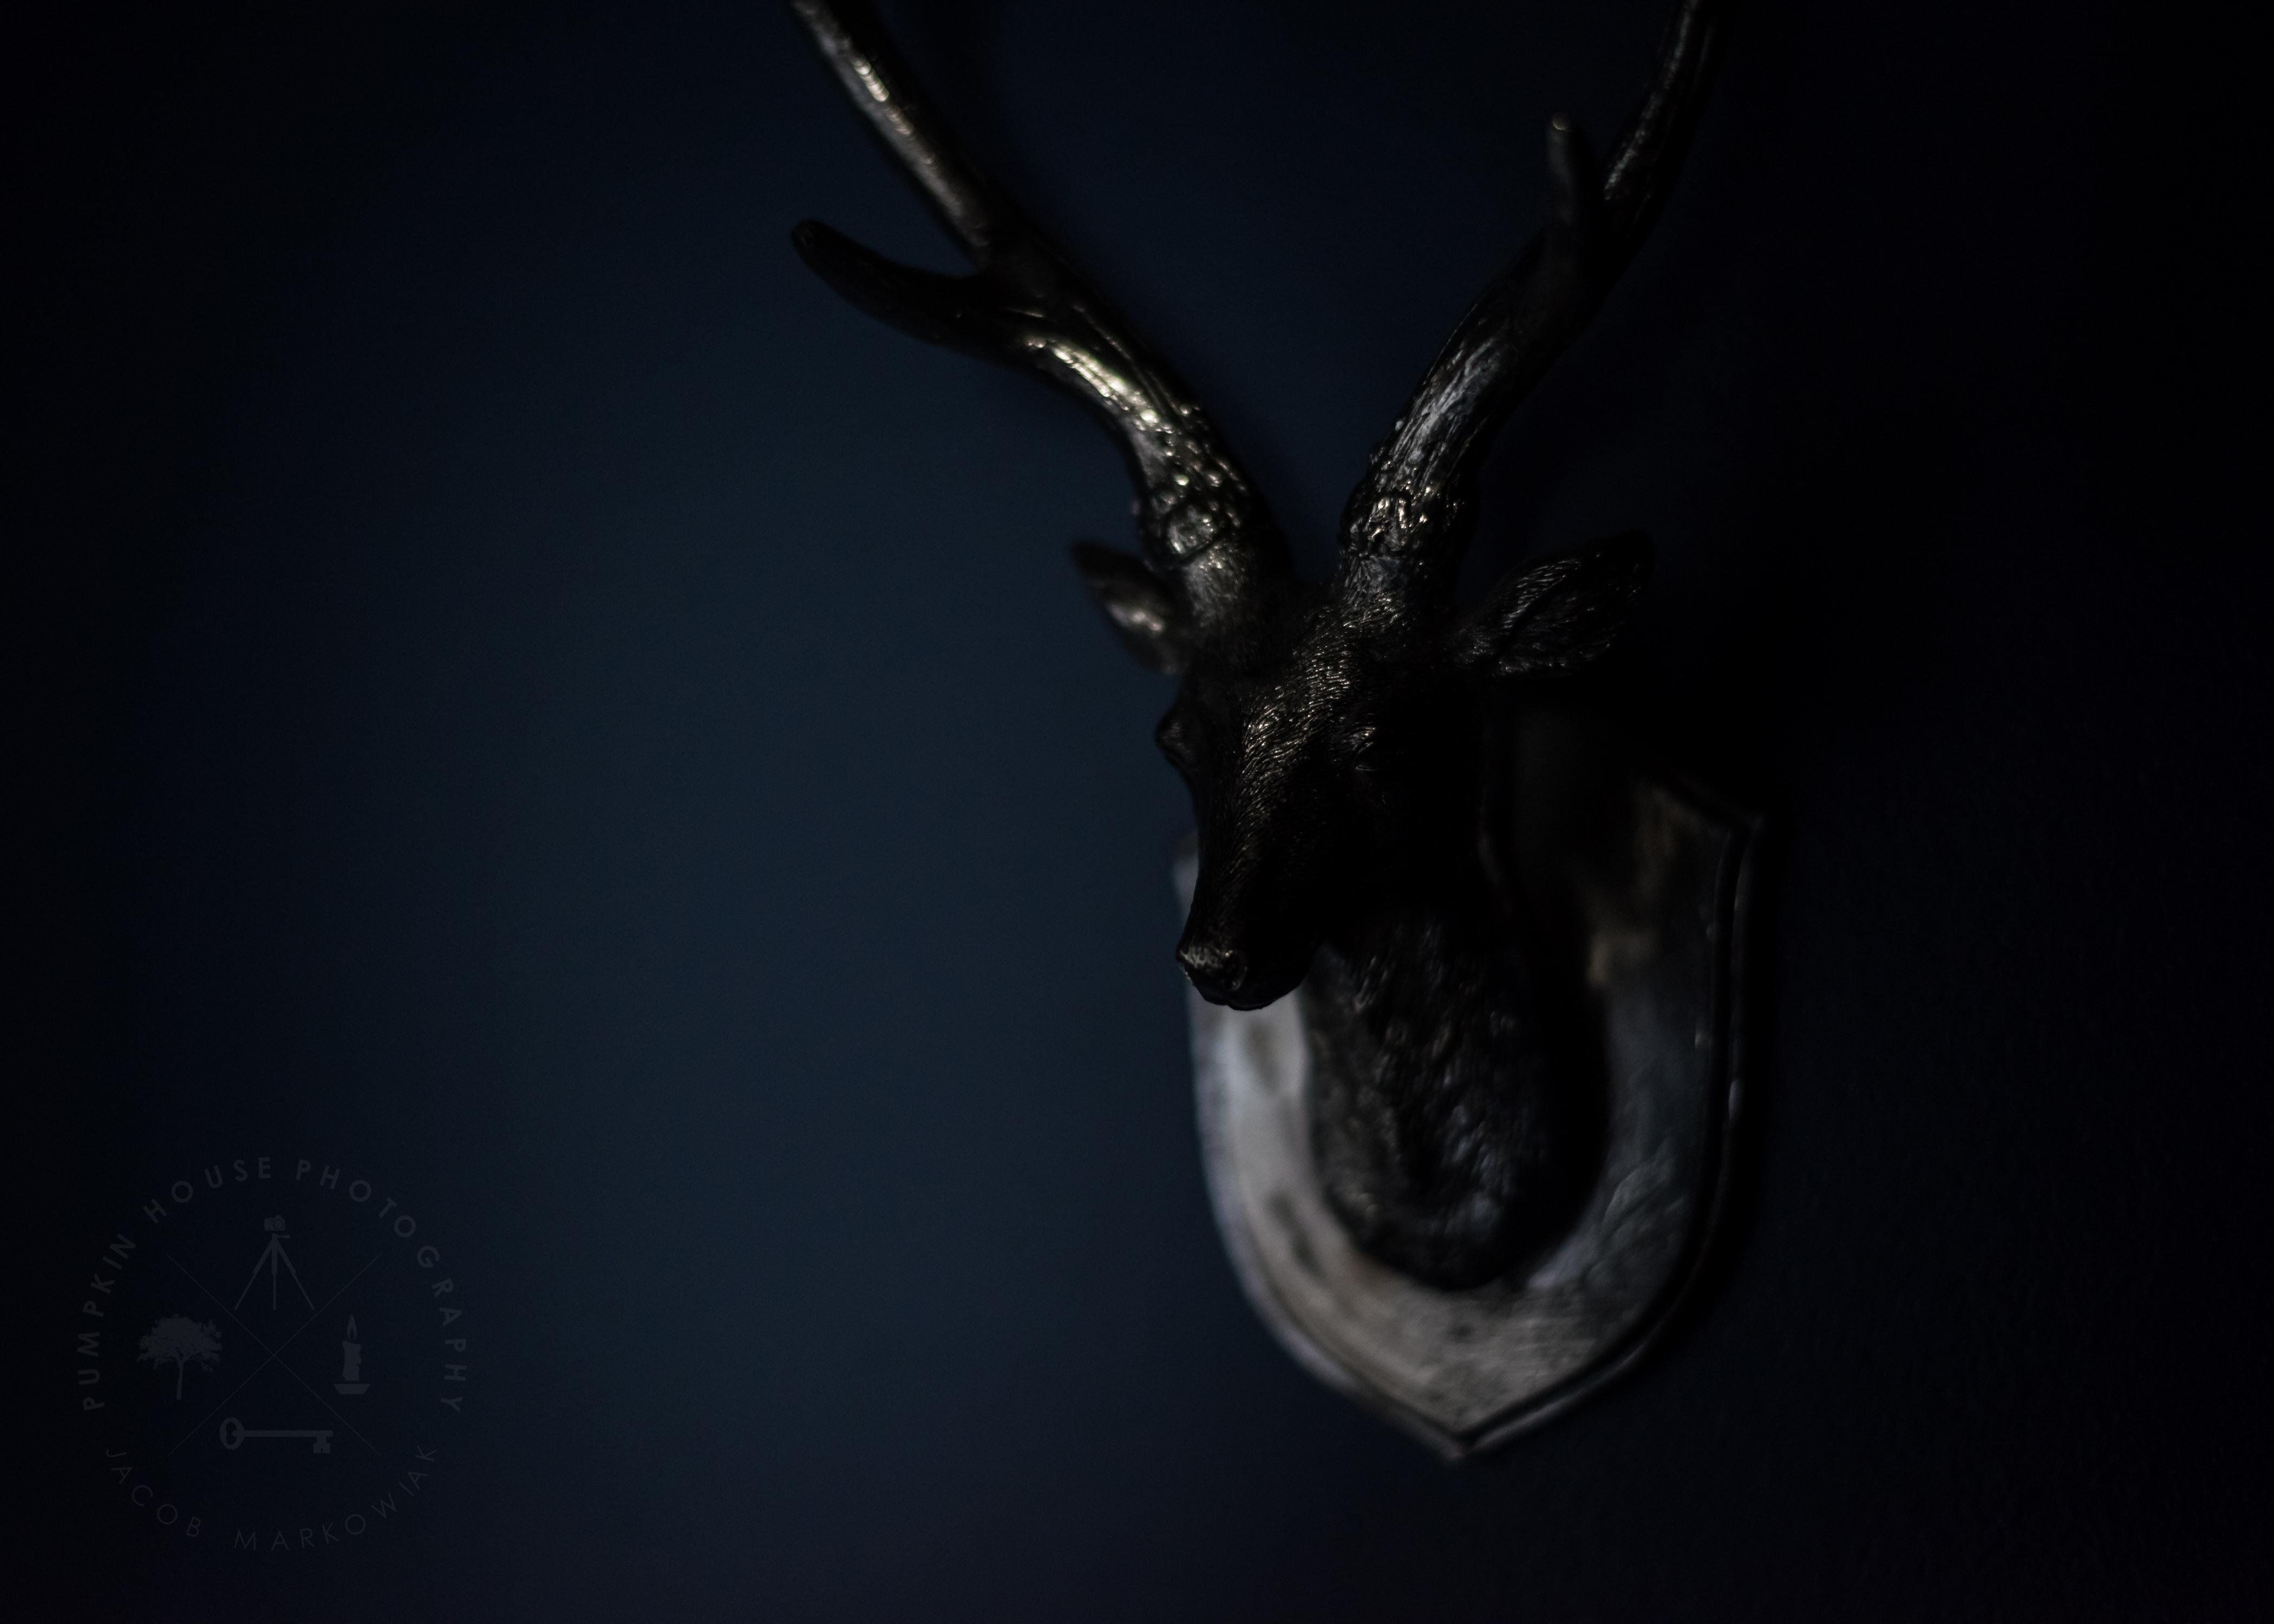 Digde the Caillieach [veiled one]